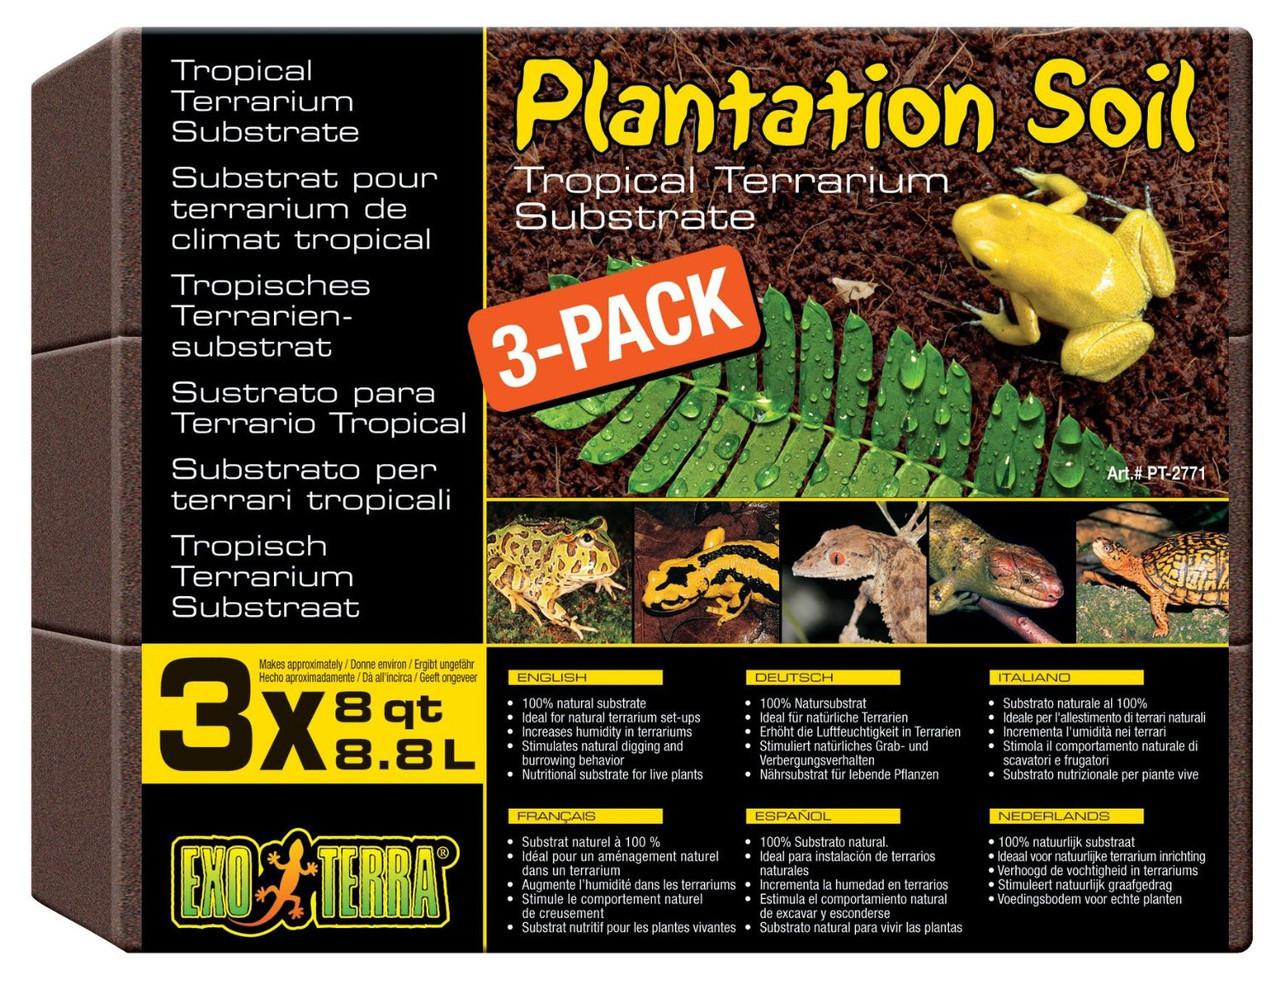 Наполнитель субстрат Plantation Soil для террариума 3х8,8л  (PT2771)